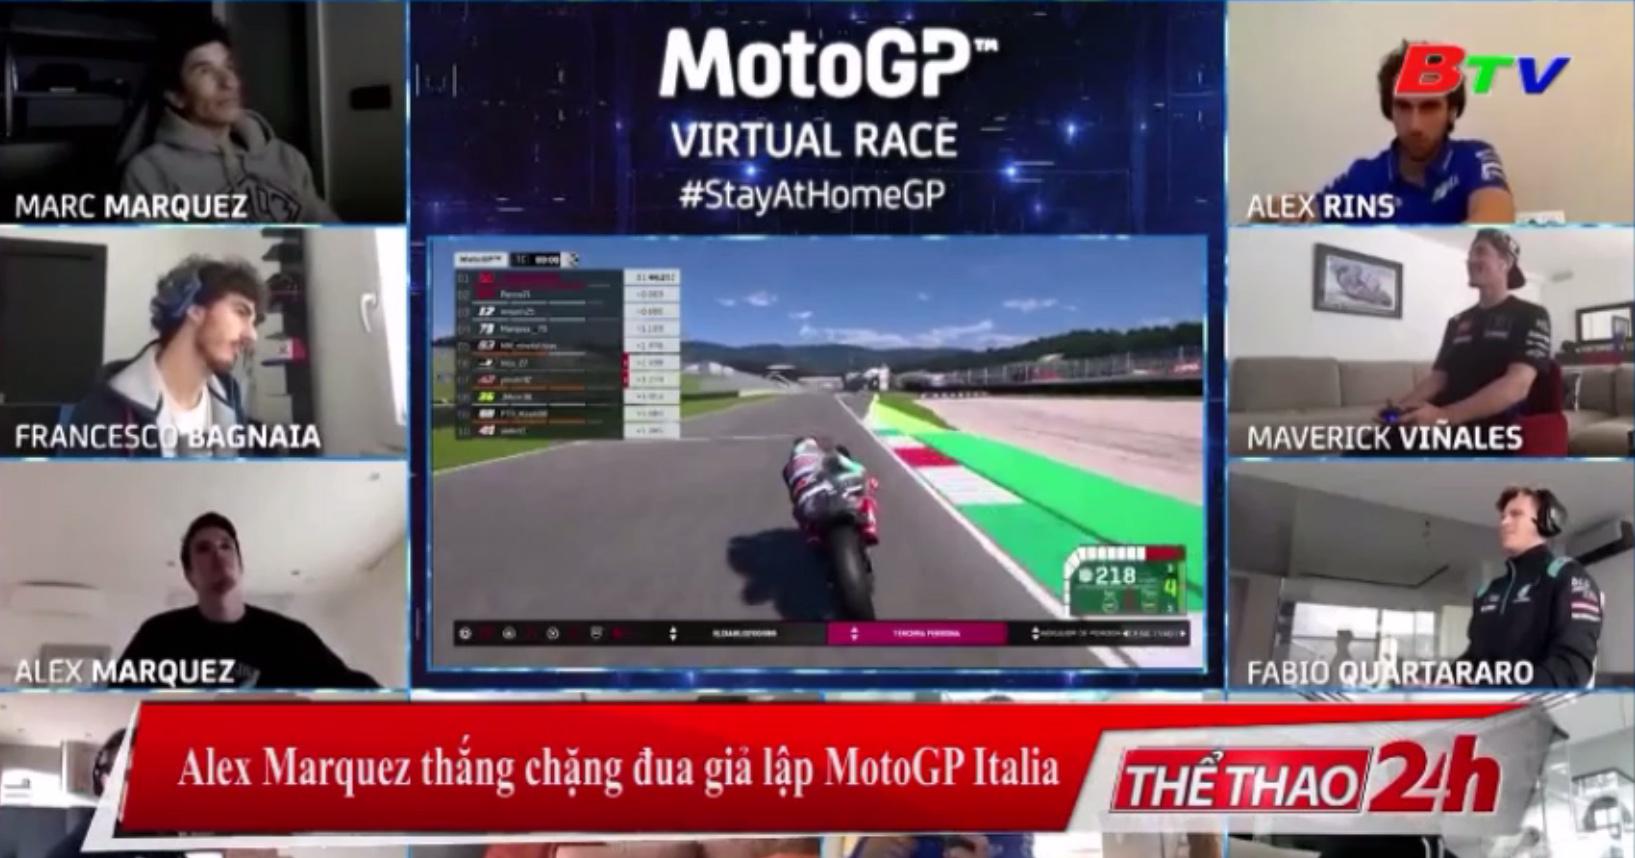 Alex Marquez thắng chặng đua giả lập MotoGP Italia